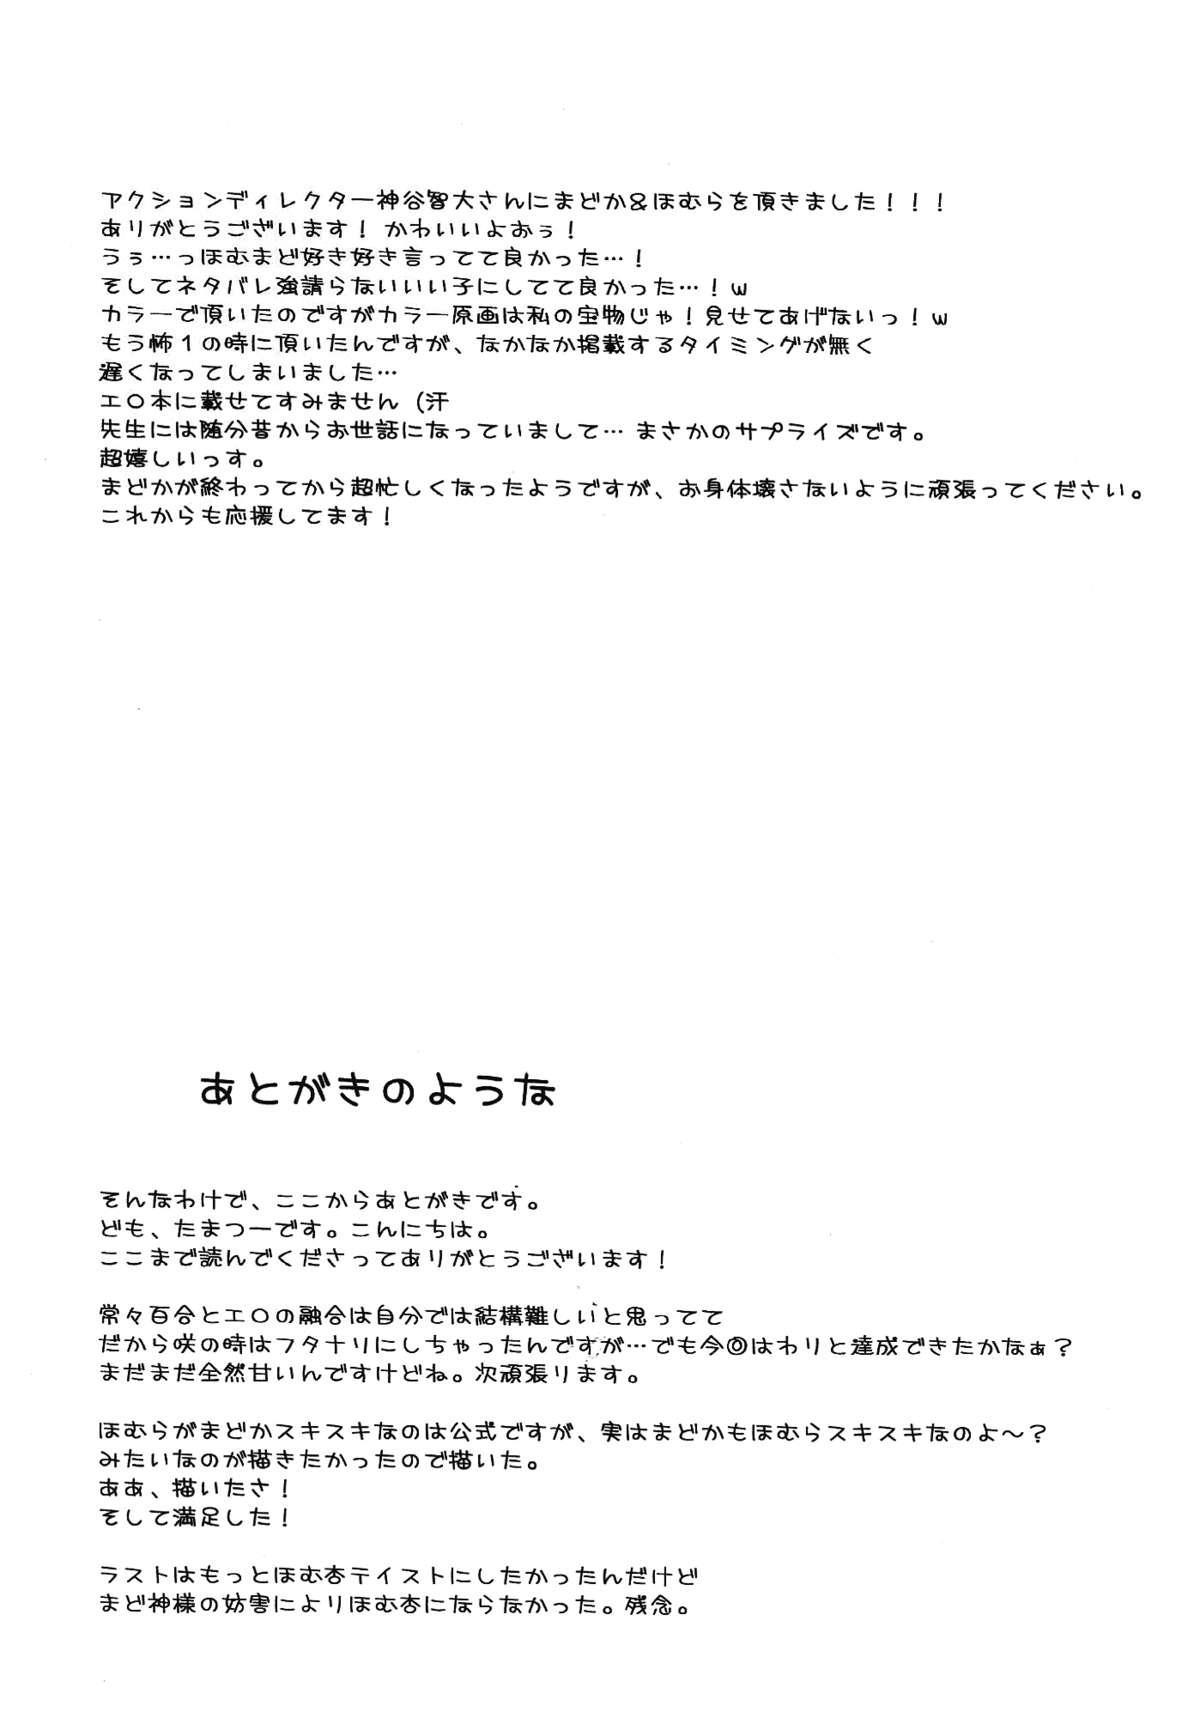 Yume no Shizuku | Drops of a Dream 23